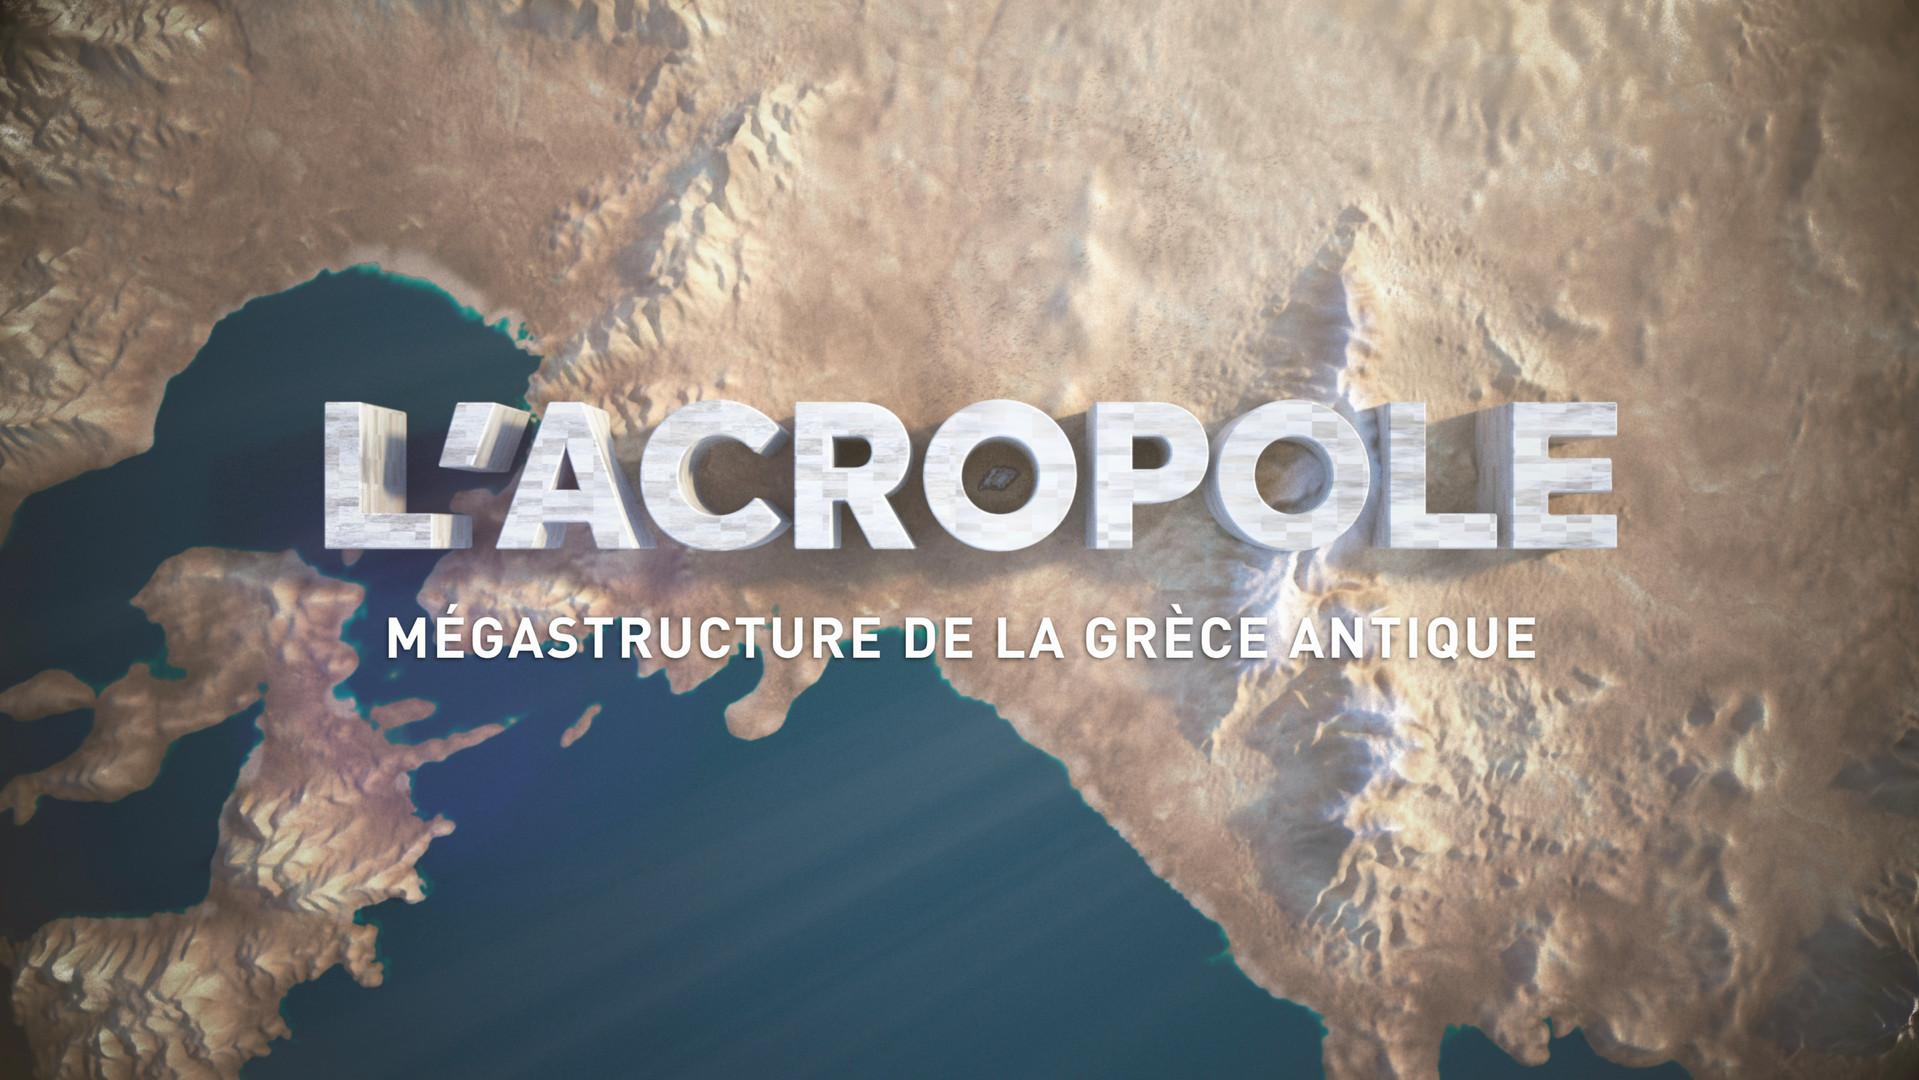 L'Acropole, Mégastructure de la Grèce antique • 2021 (52 min)